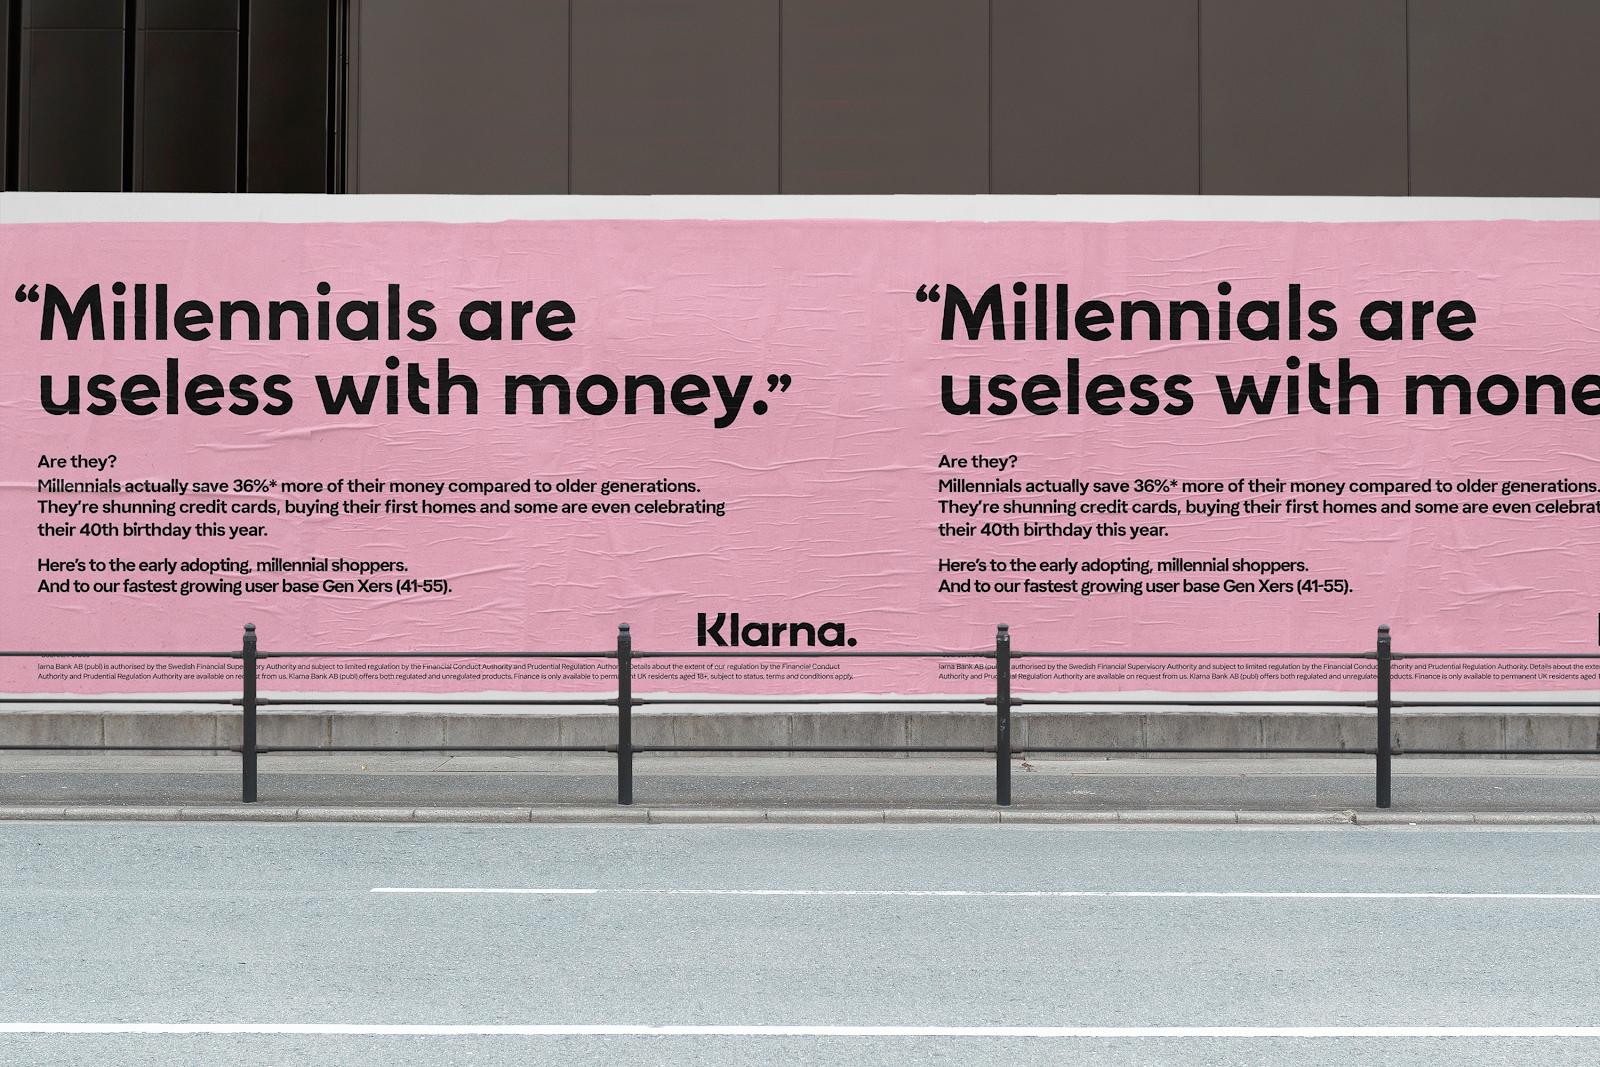 Klarna launches new campaign